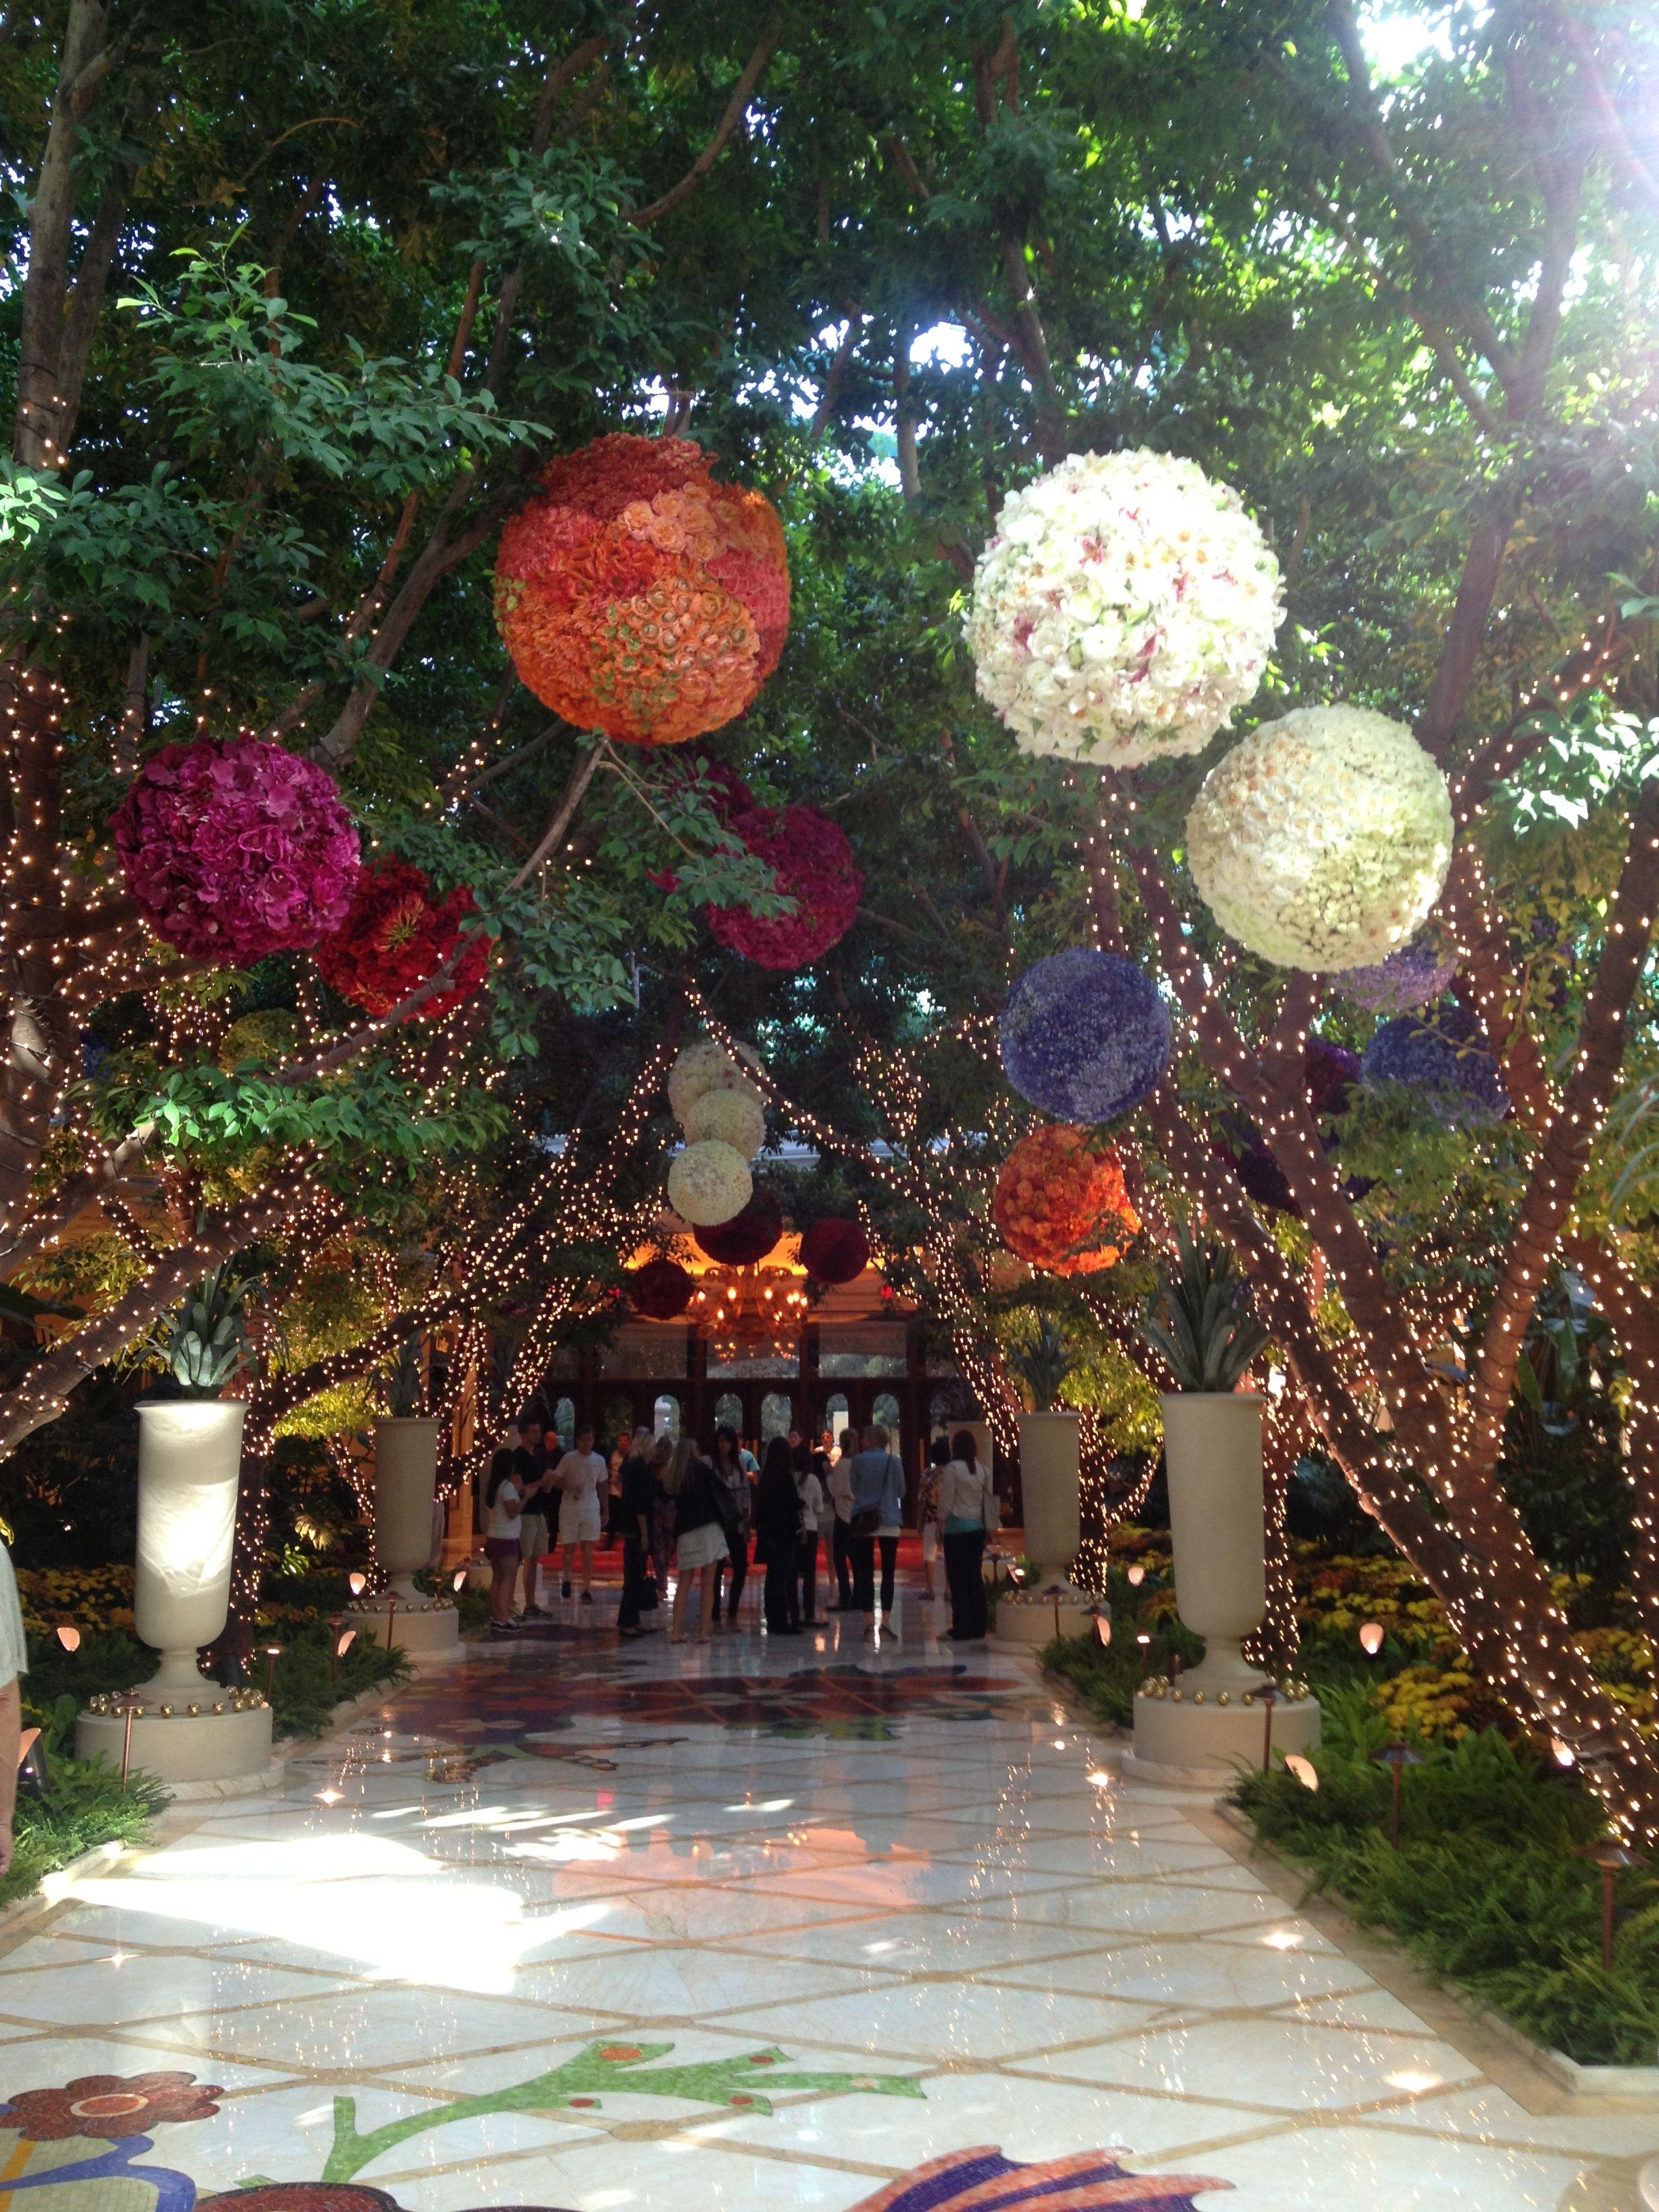 Hotel lobby of Wynn, Las Vegas